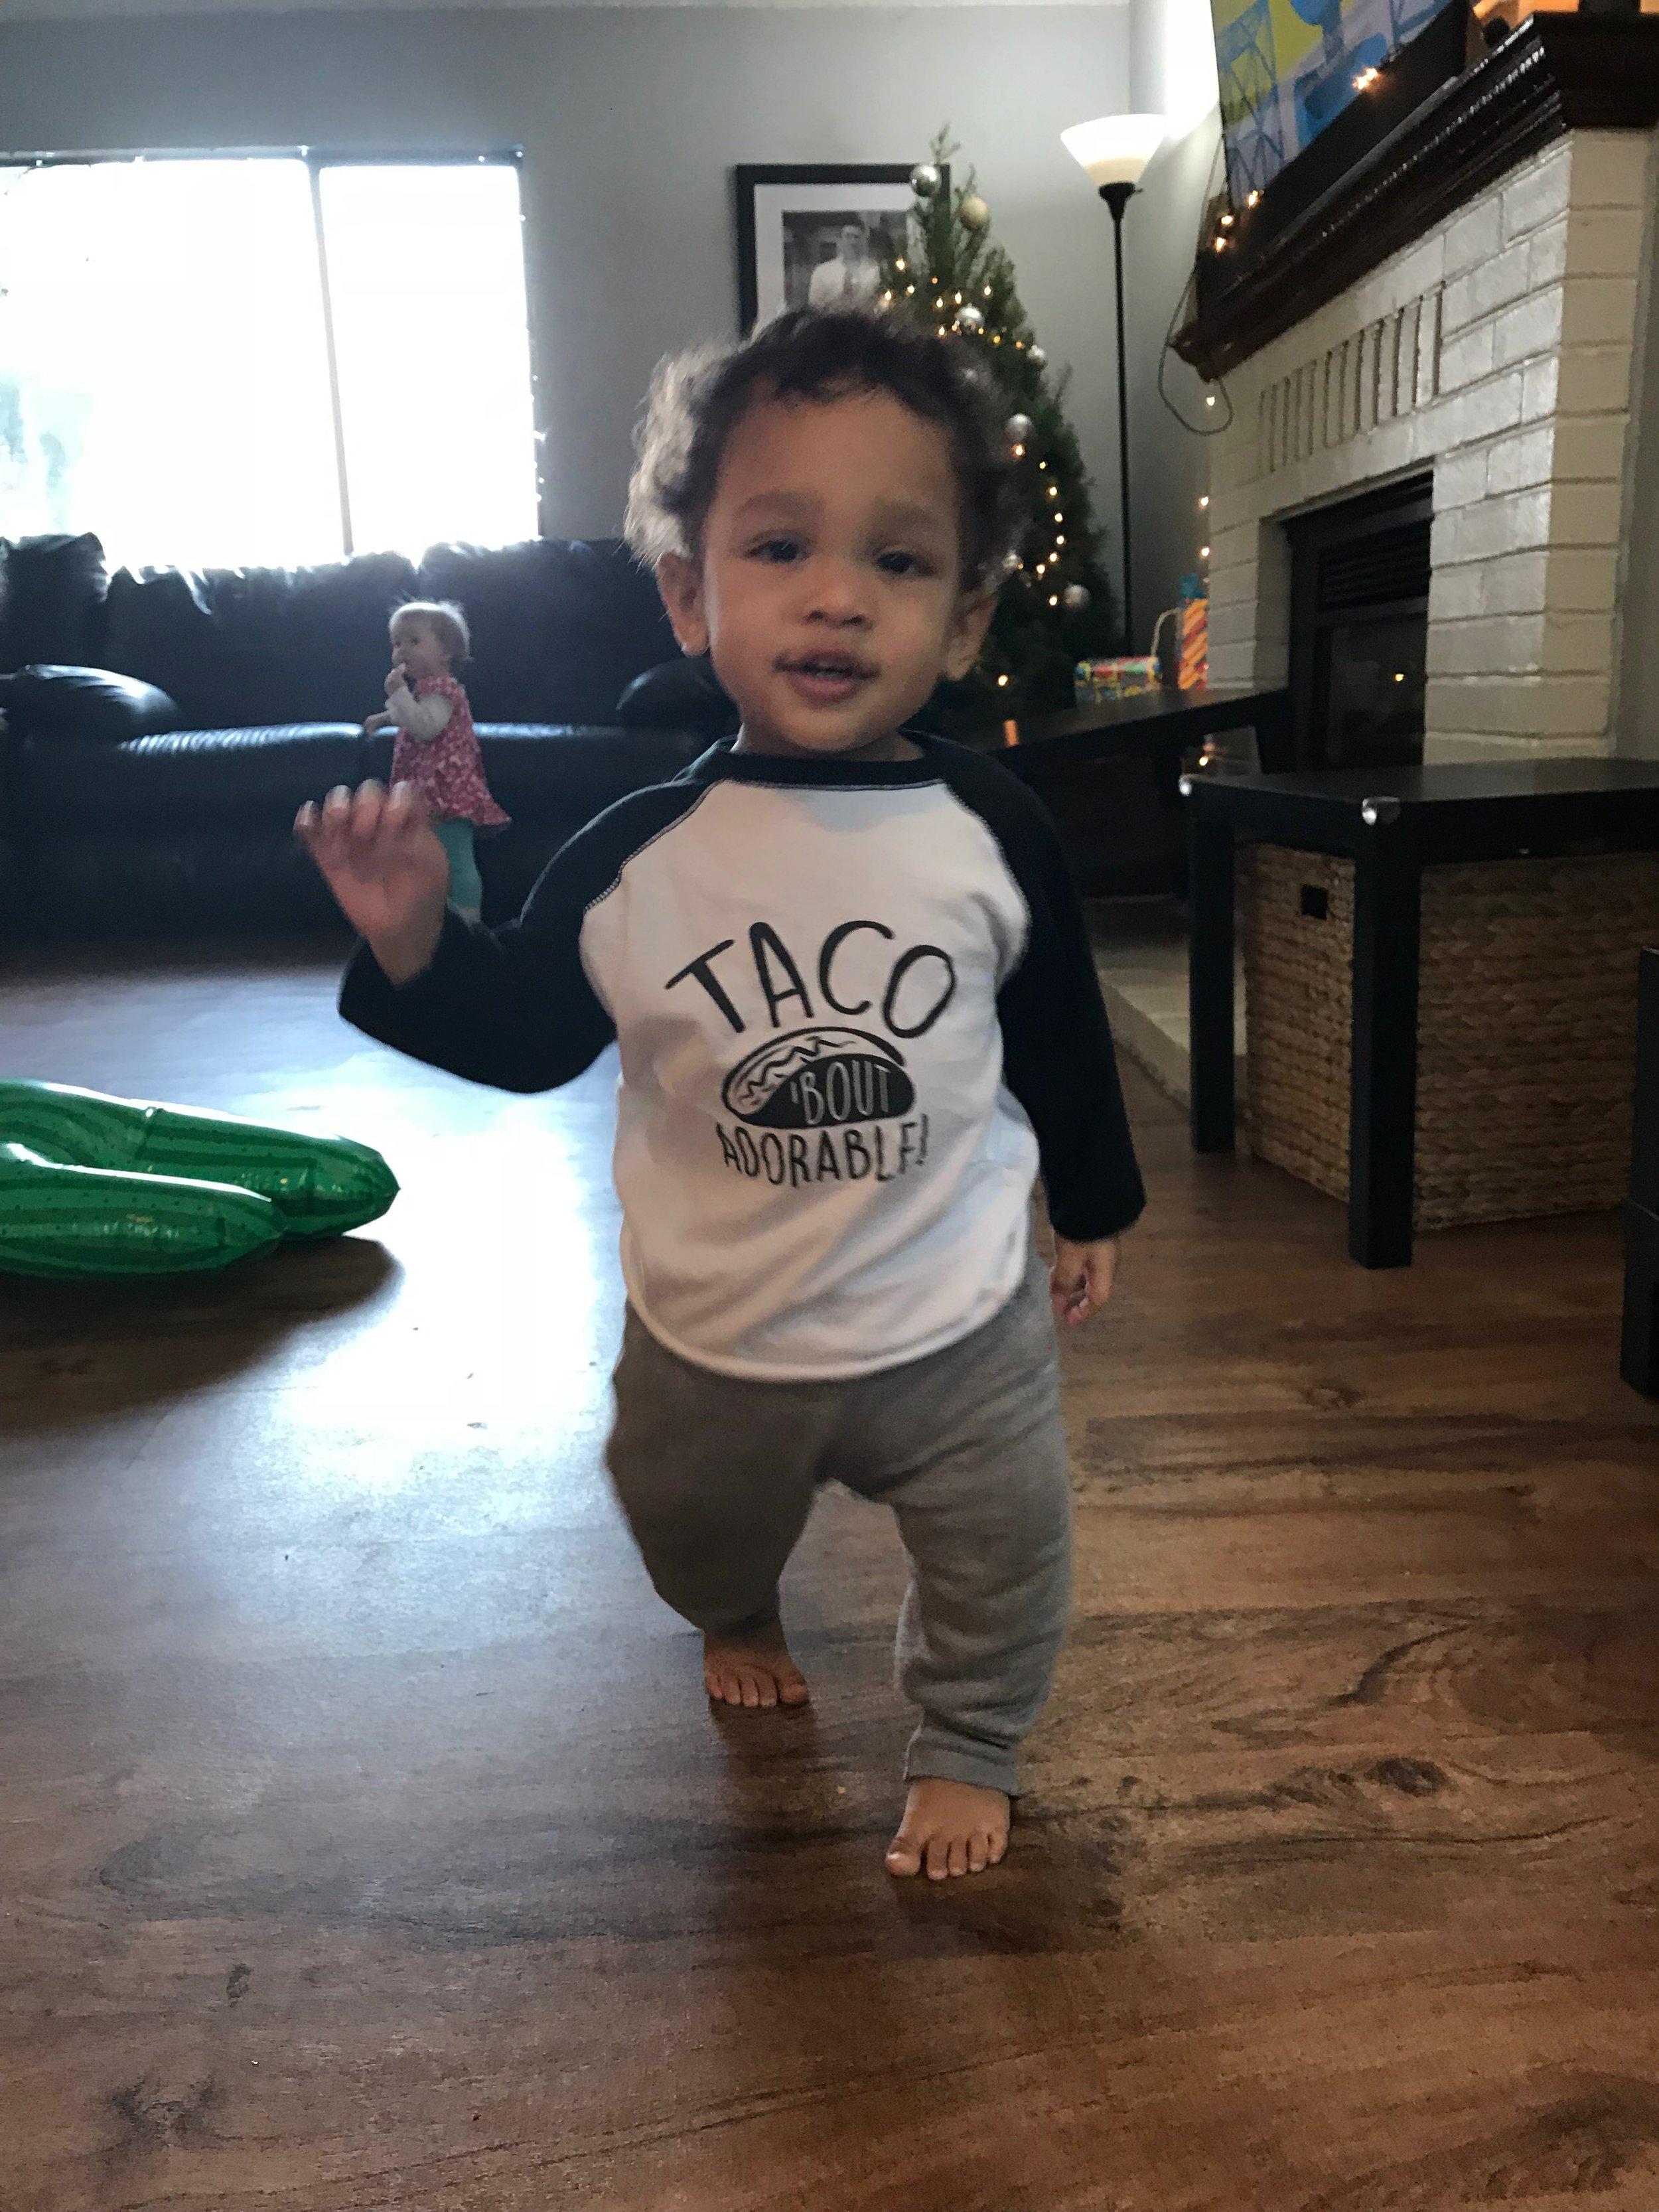 & Jackson wore a super cute Taco shirt :)